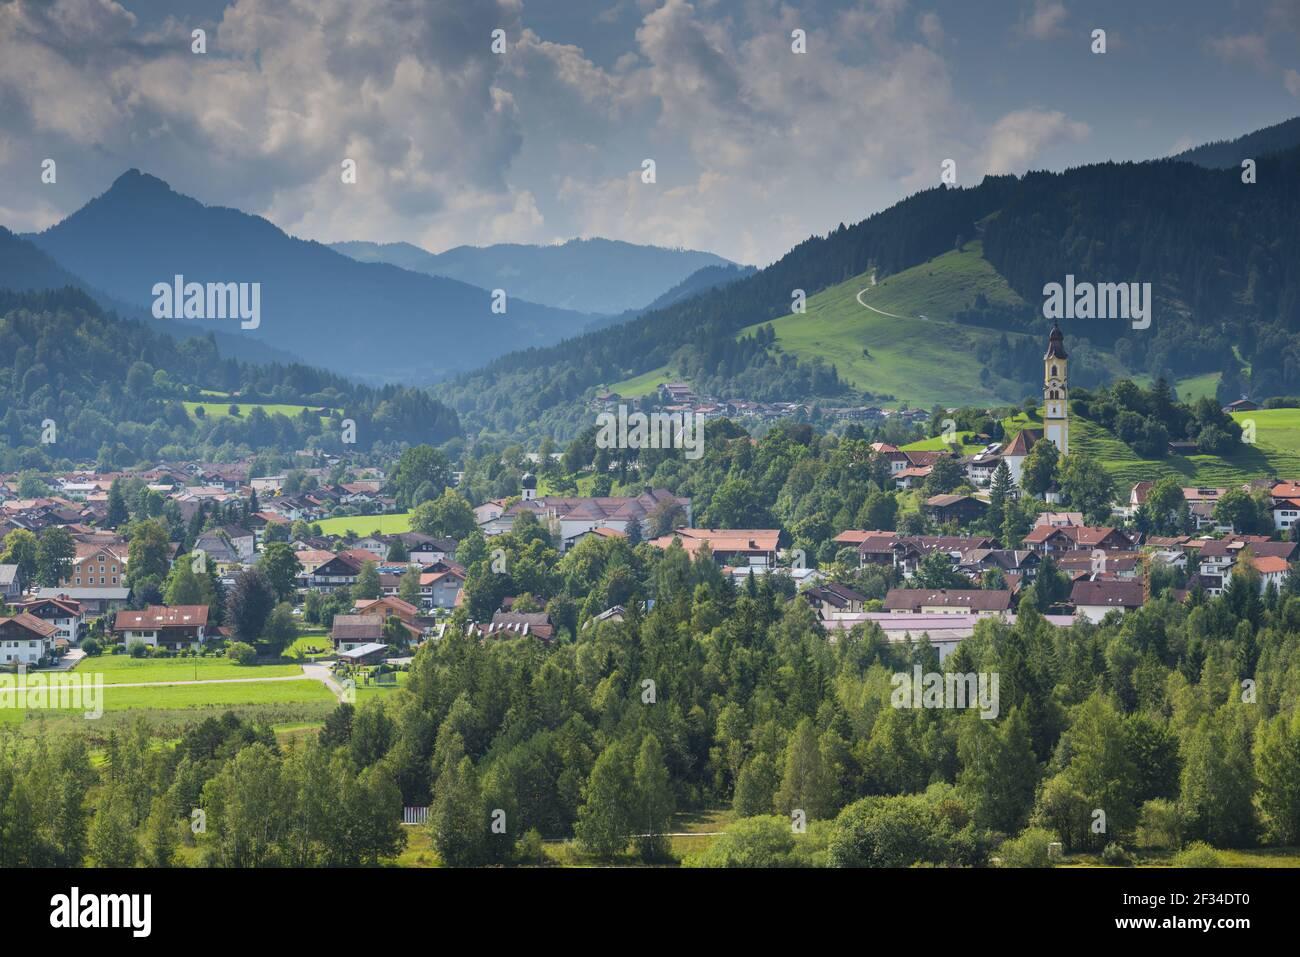 Geografía / viajes, Alemania, Baviera, iglesia parroquial de San Nicolás en Pfronten, Alto Bávari, Libertad de Panorama Foto de stock